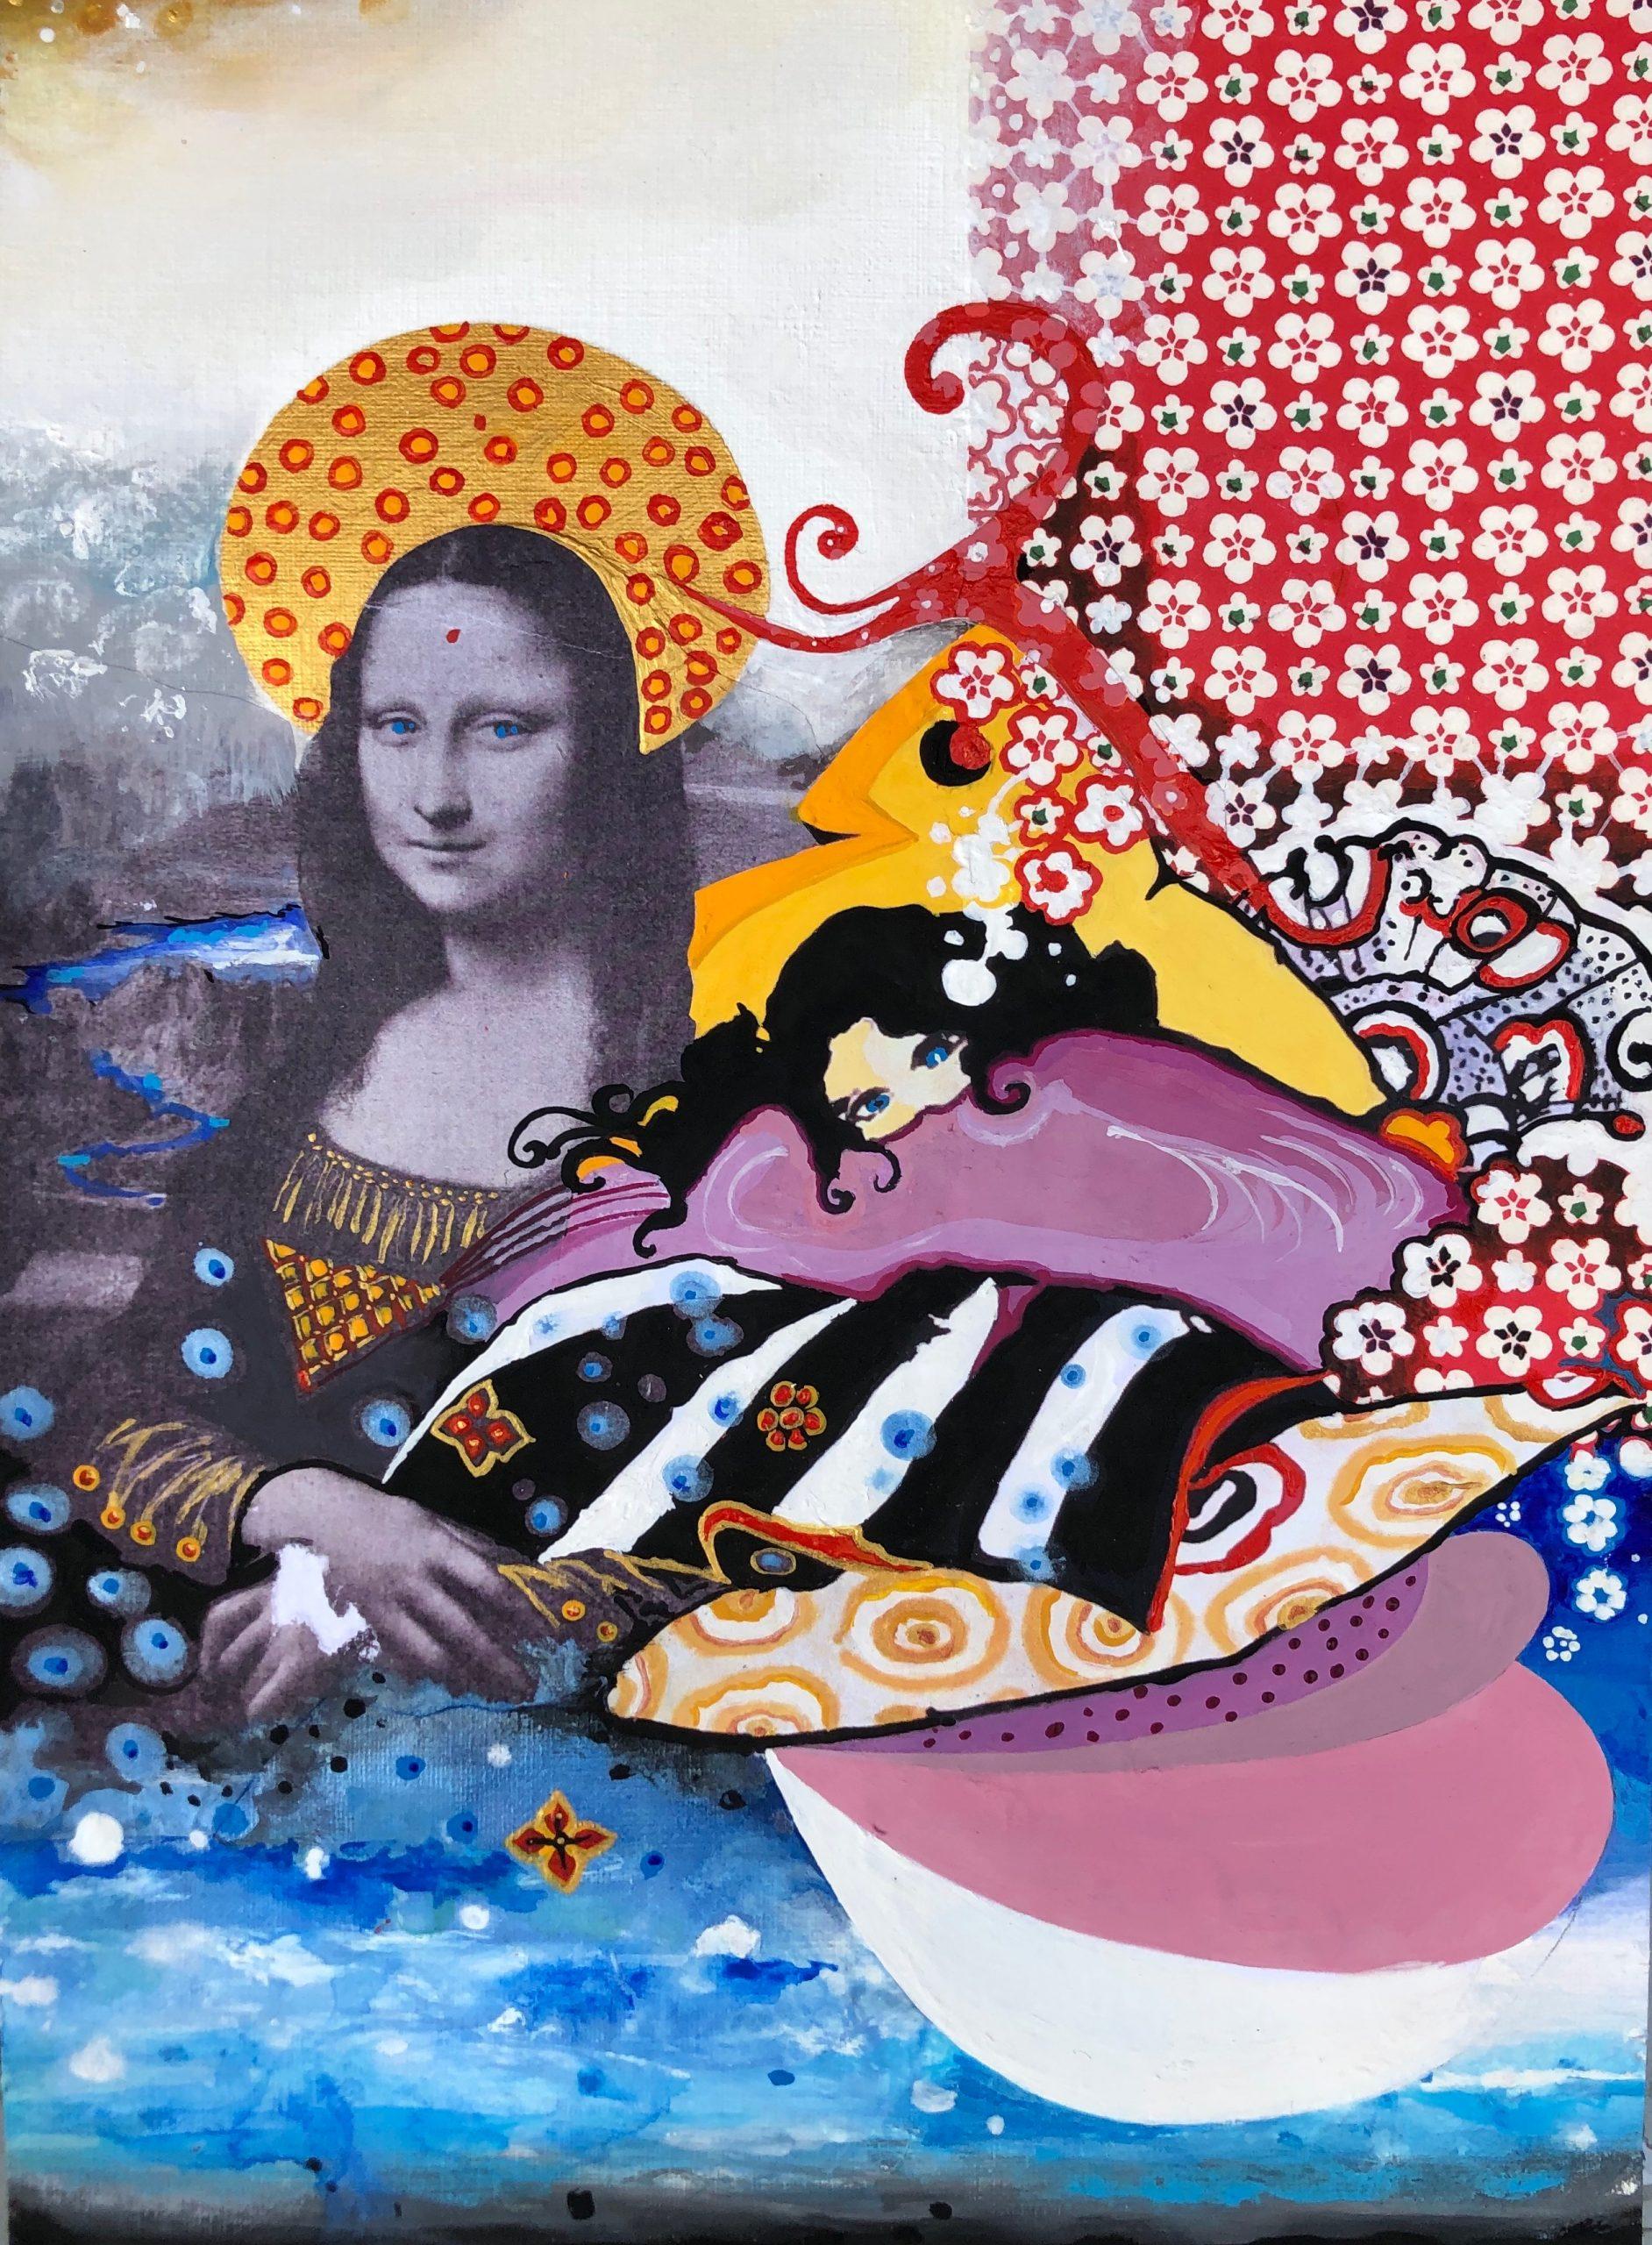 (98) Paulina Campos - Lisa got a friend Image